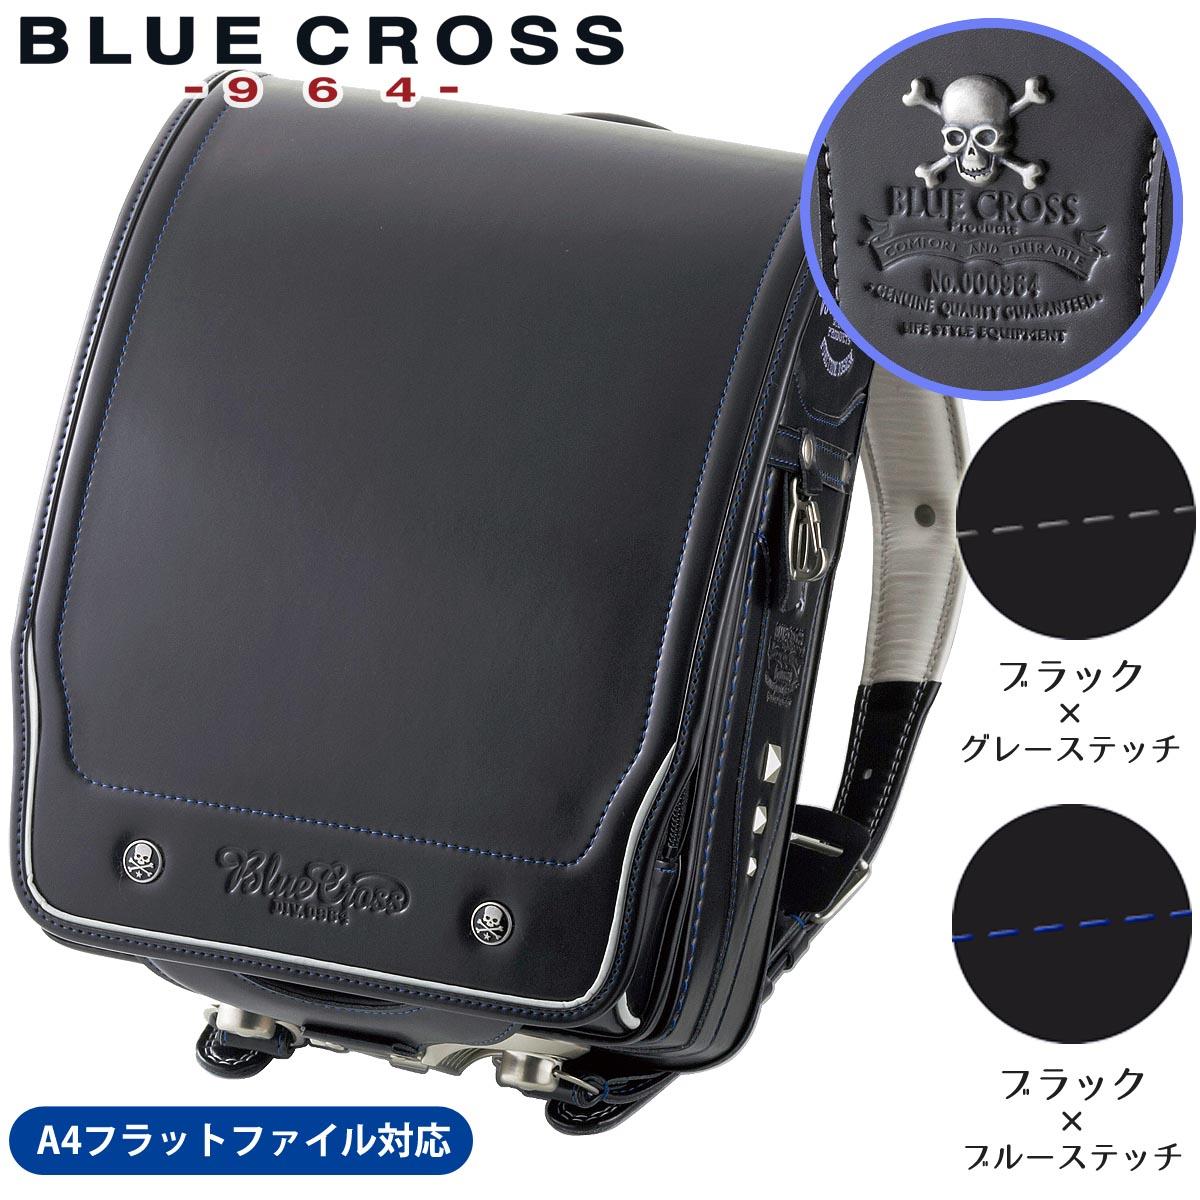 ランドセル 2019年度 入学祝い Blue Cross ブルークロス ランドセル A4クリアファイル・A4フラットファイル対応 ブラック×ブルーステッチ(クロ/アオ) ブラック/グレーステッチ(クロ/グレー) キューブ型 送料無料【smtb-kd】 RB2957305